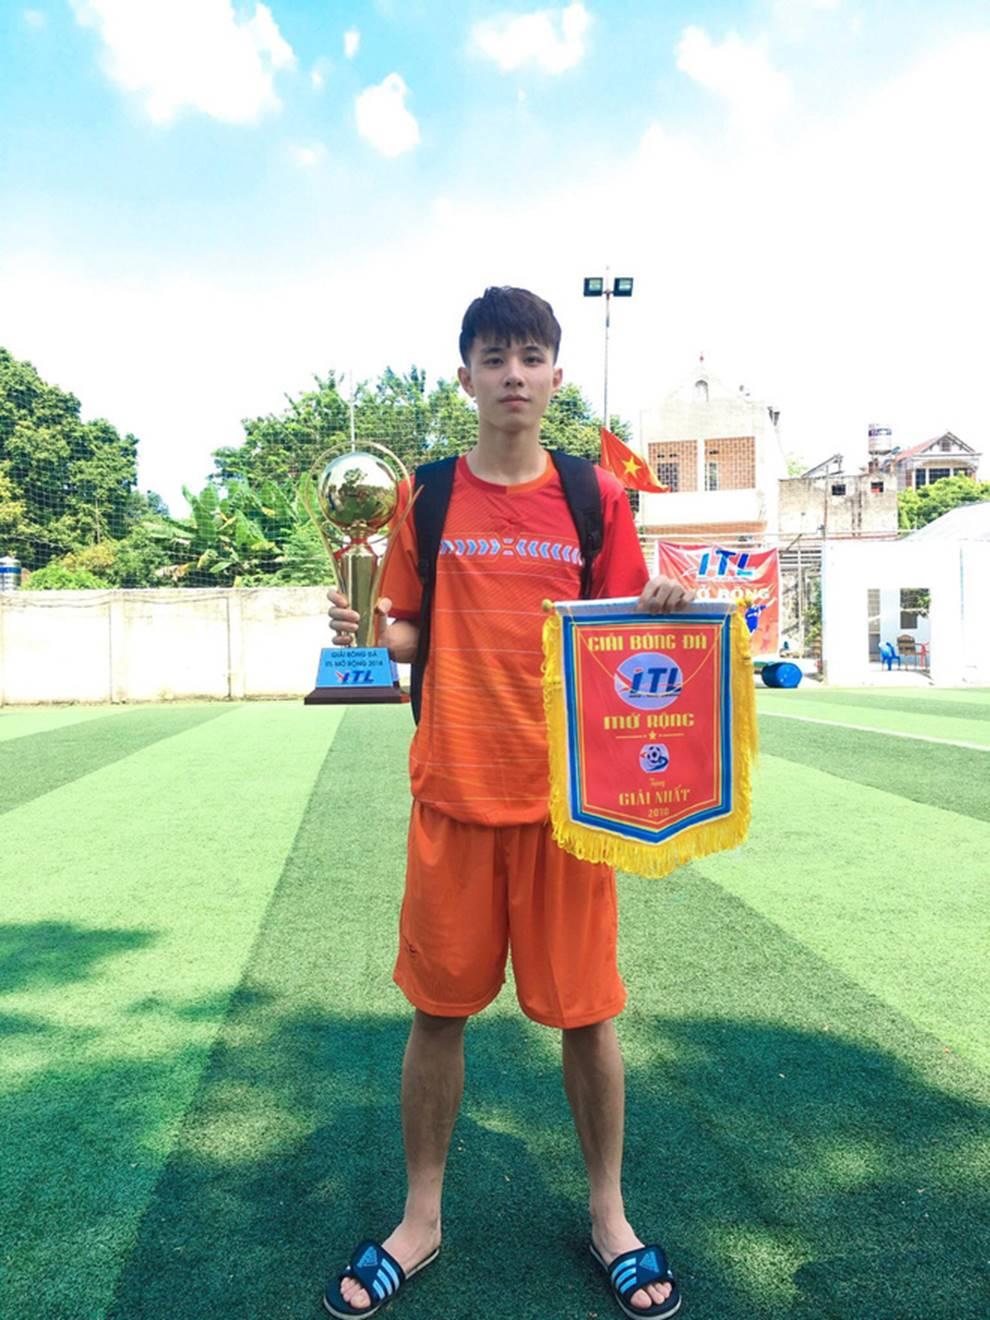 Dàn soái ca đến từ ĐH Kinh Công Hà Nội - ngôi trường được mệnh danh nhiều trai đẹp nhất Việt Nam-12